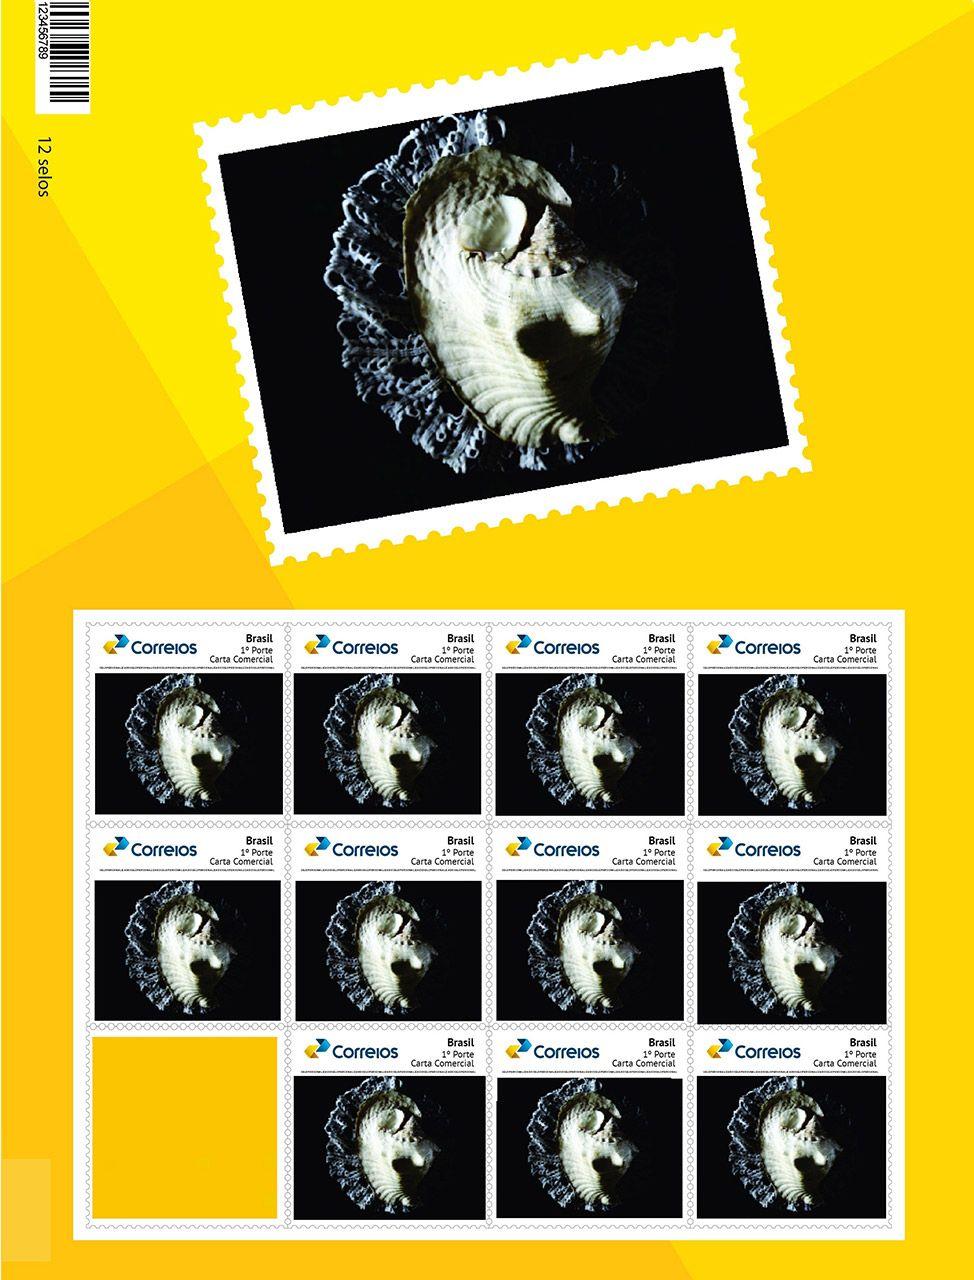 Projeto para selo postal, na imagem do selo vemos uma concha do mar posta sobre um fundo preto, a concha é uma referência ao mar que no passado existiu na região do xingu.